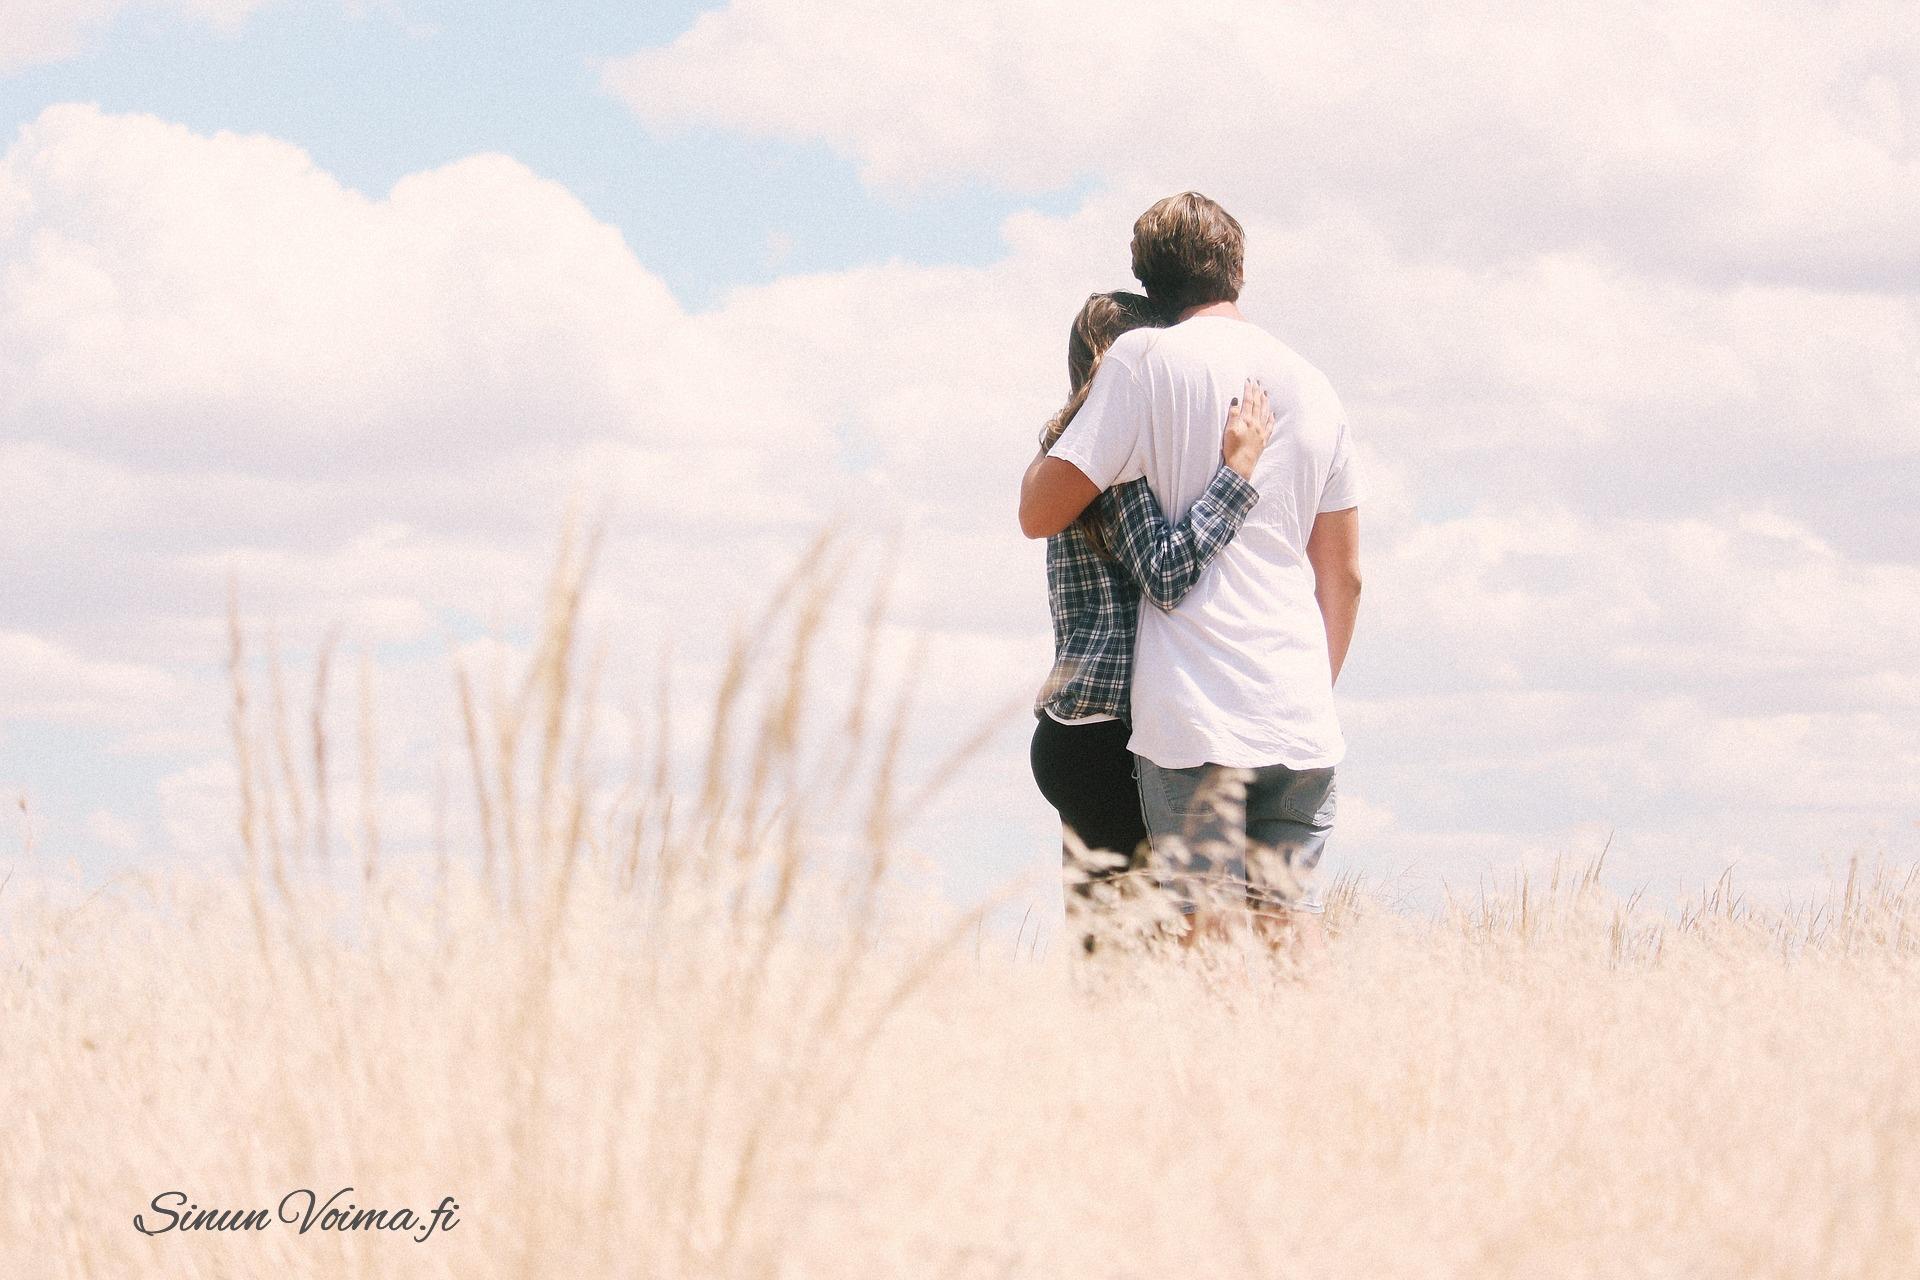 Miksi kosketus on tärkeää ihmiselle? – Mukana kehoharjoitus kosketuksesta.